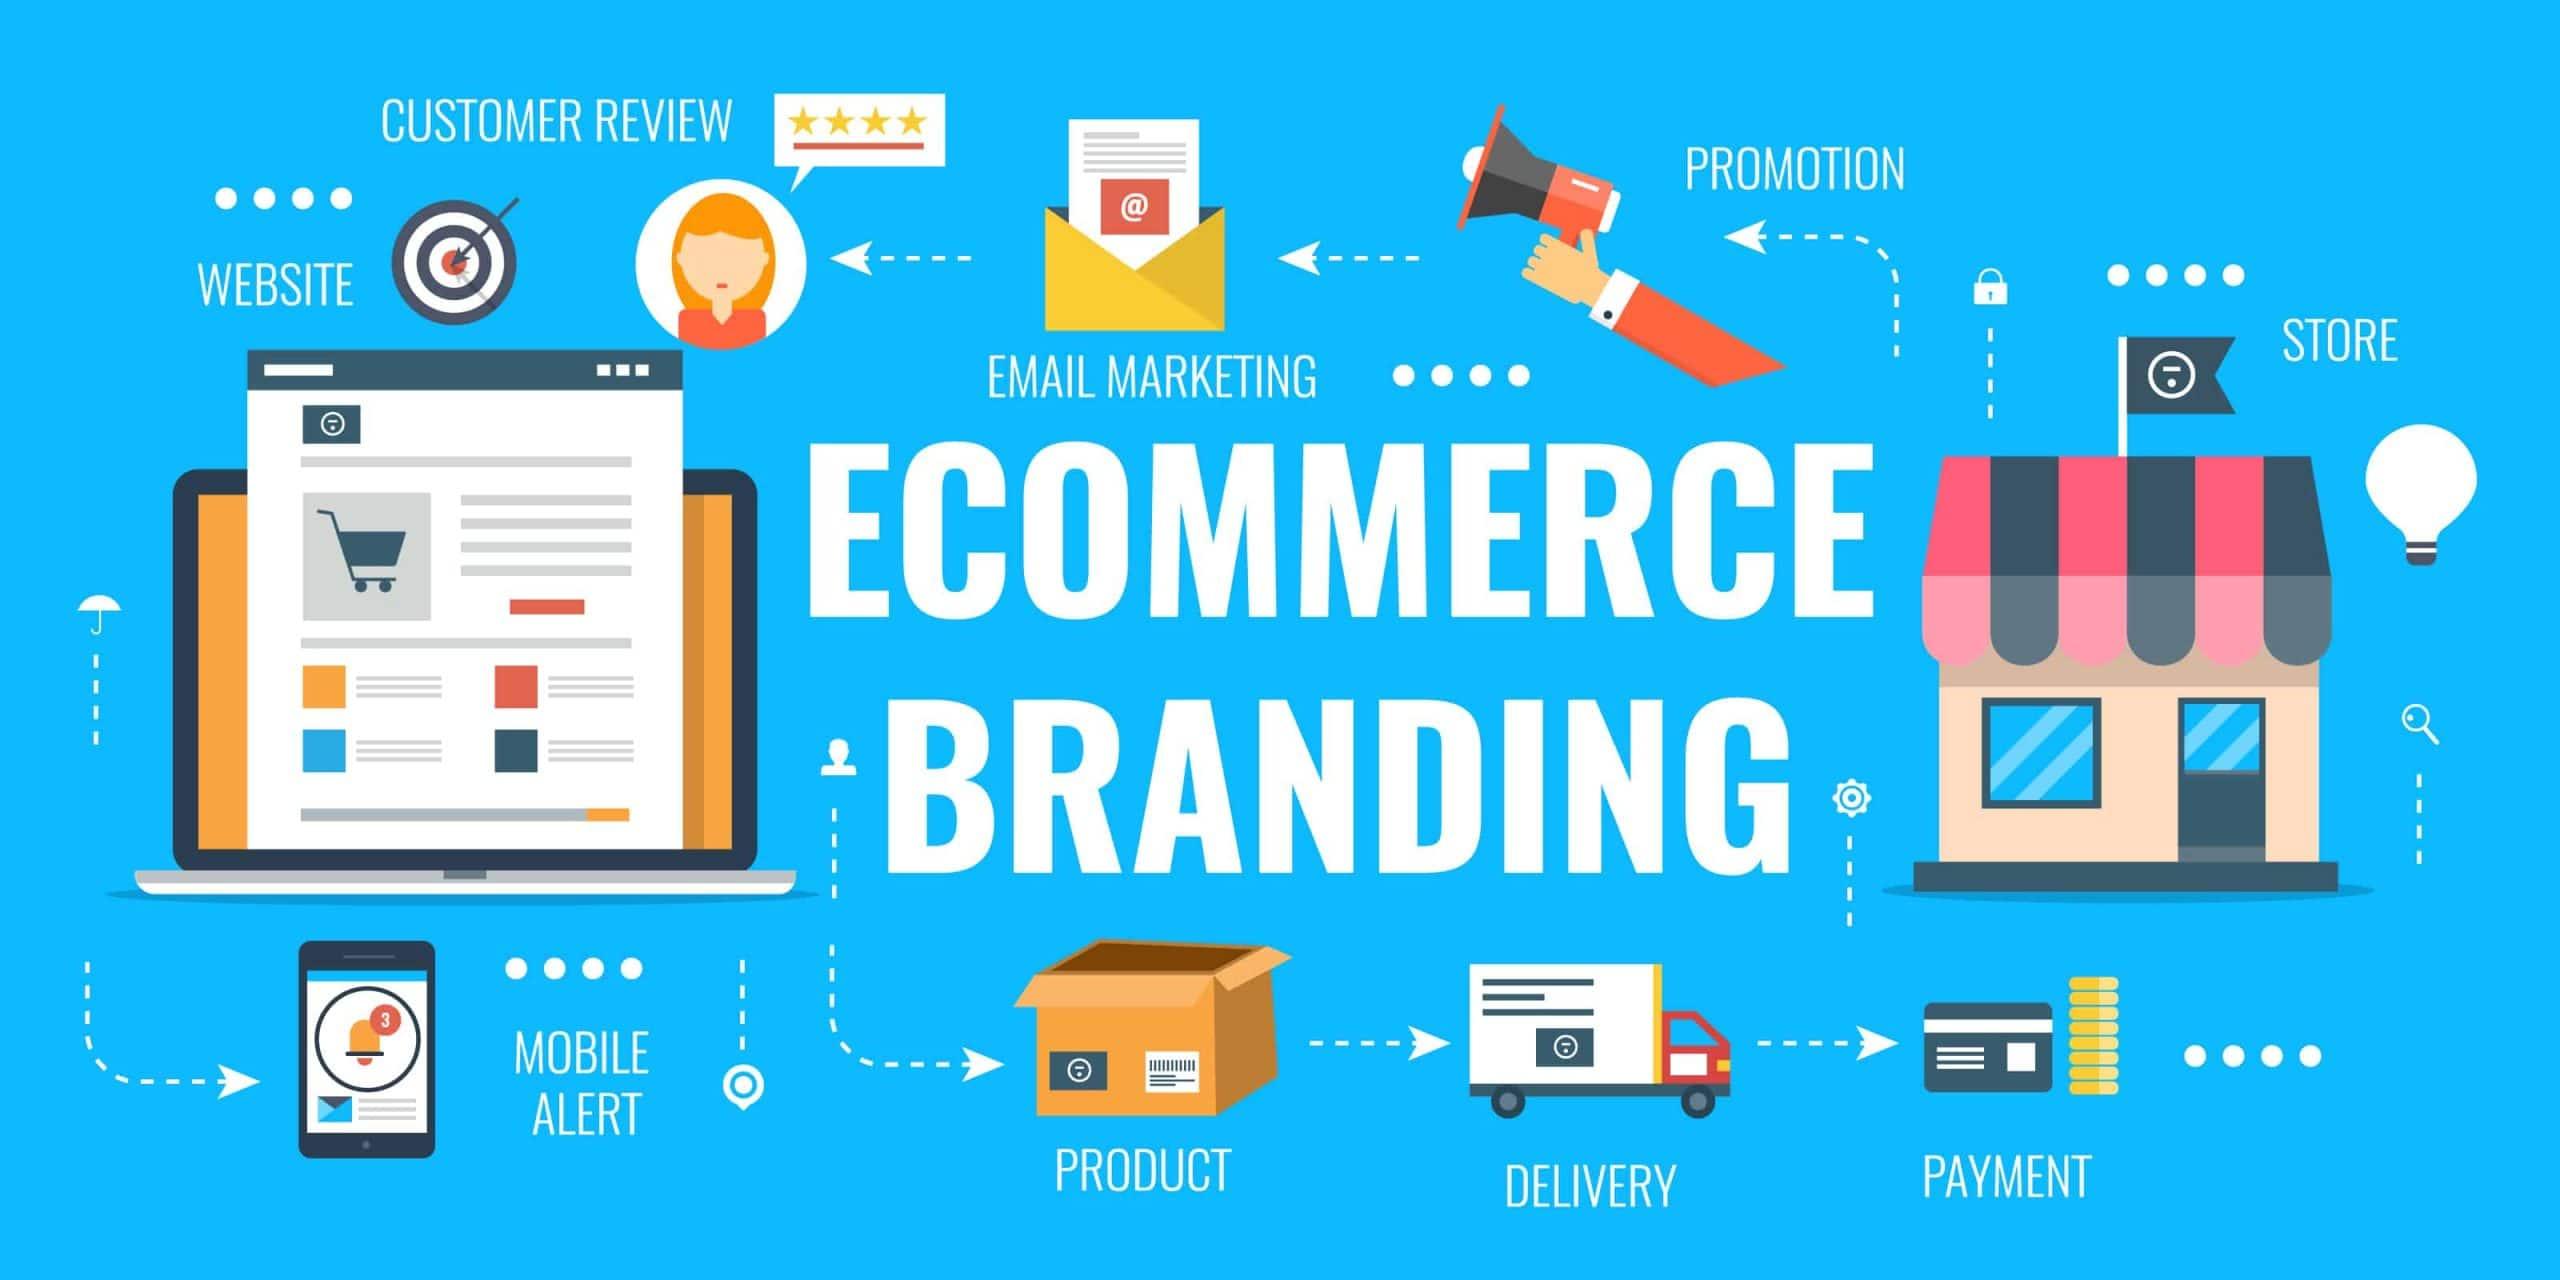 تصميم علامة تجارية لا تُنسى خاصة بـ التجارة الإلكترونية